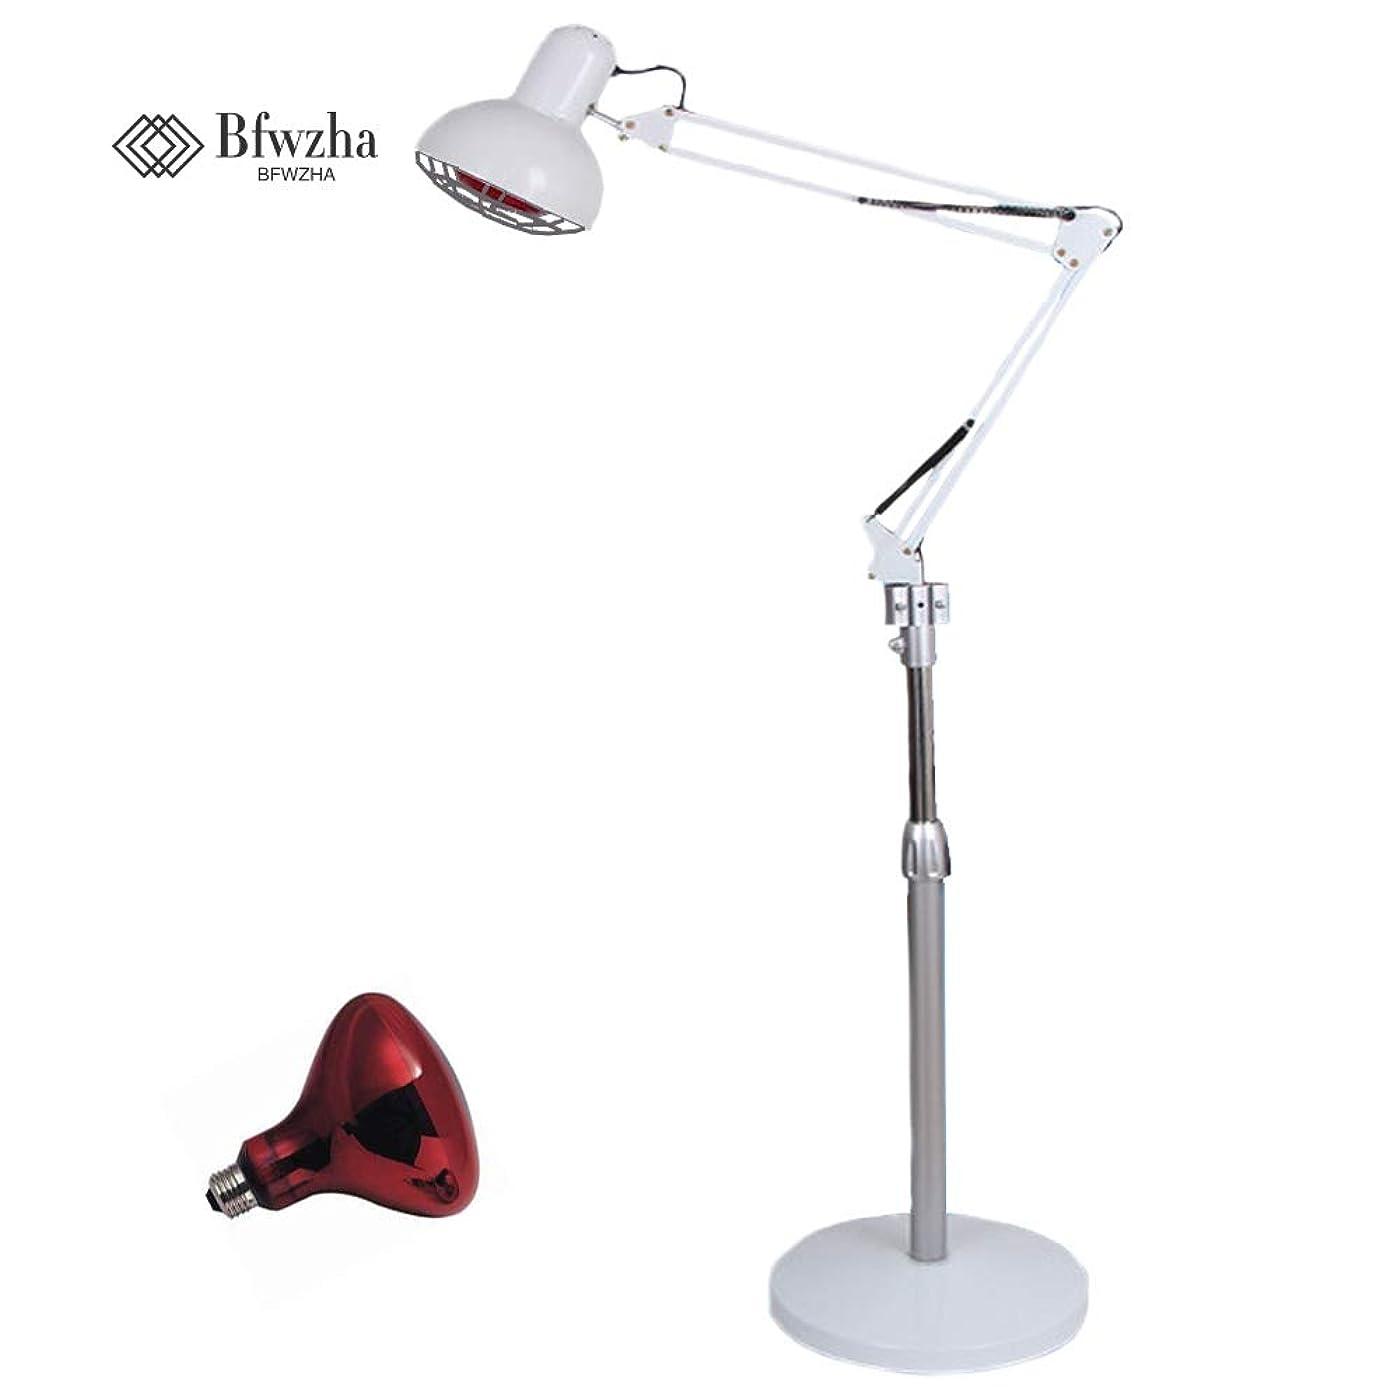 灌漑訴えるスタック275ワット赤外線赤熱ランプ筋肉肌鍼治療フロアスタンド調節可能なアーム美容院プロの電球付きライト